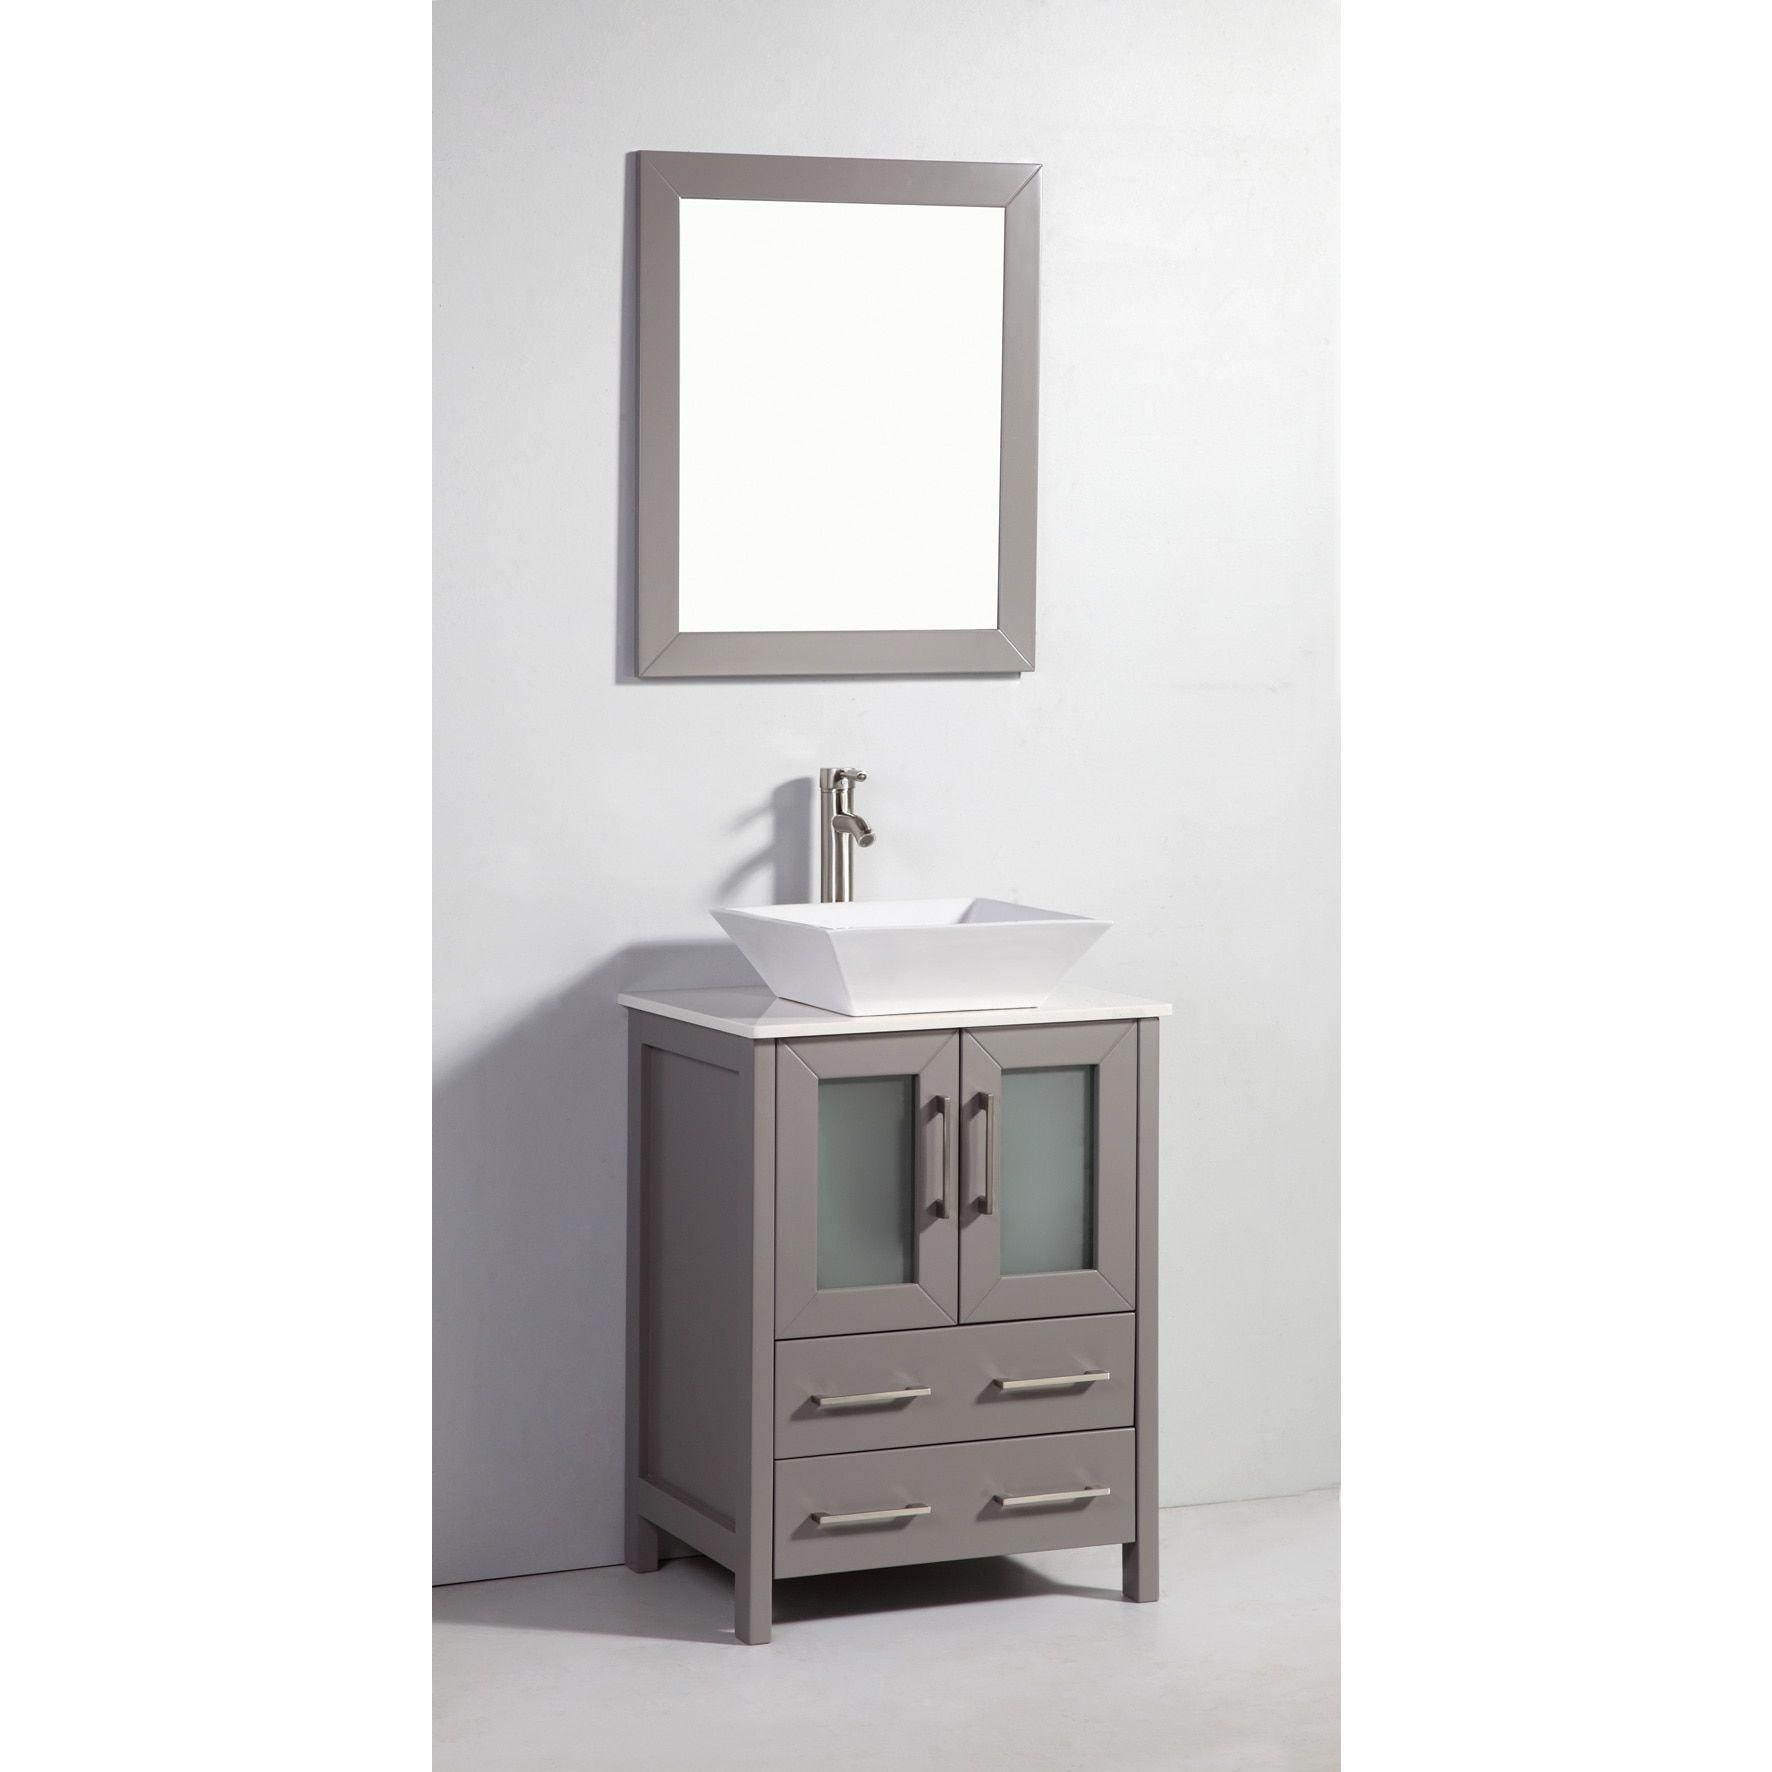 10 Best 24 Vanity Ideas Vanity 24 Vanity Single Bathroom Vanity